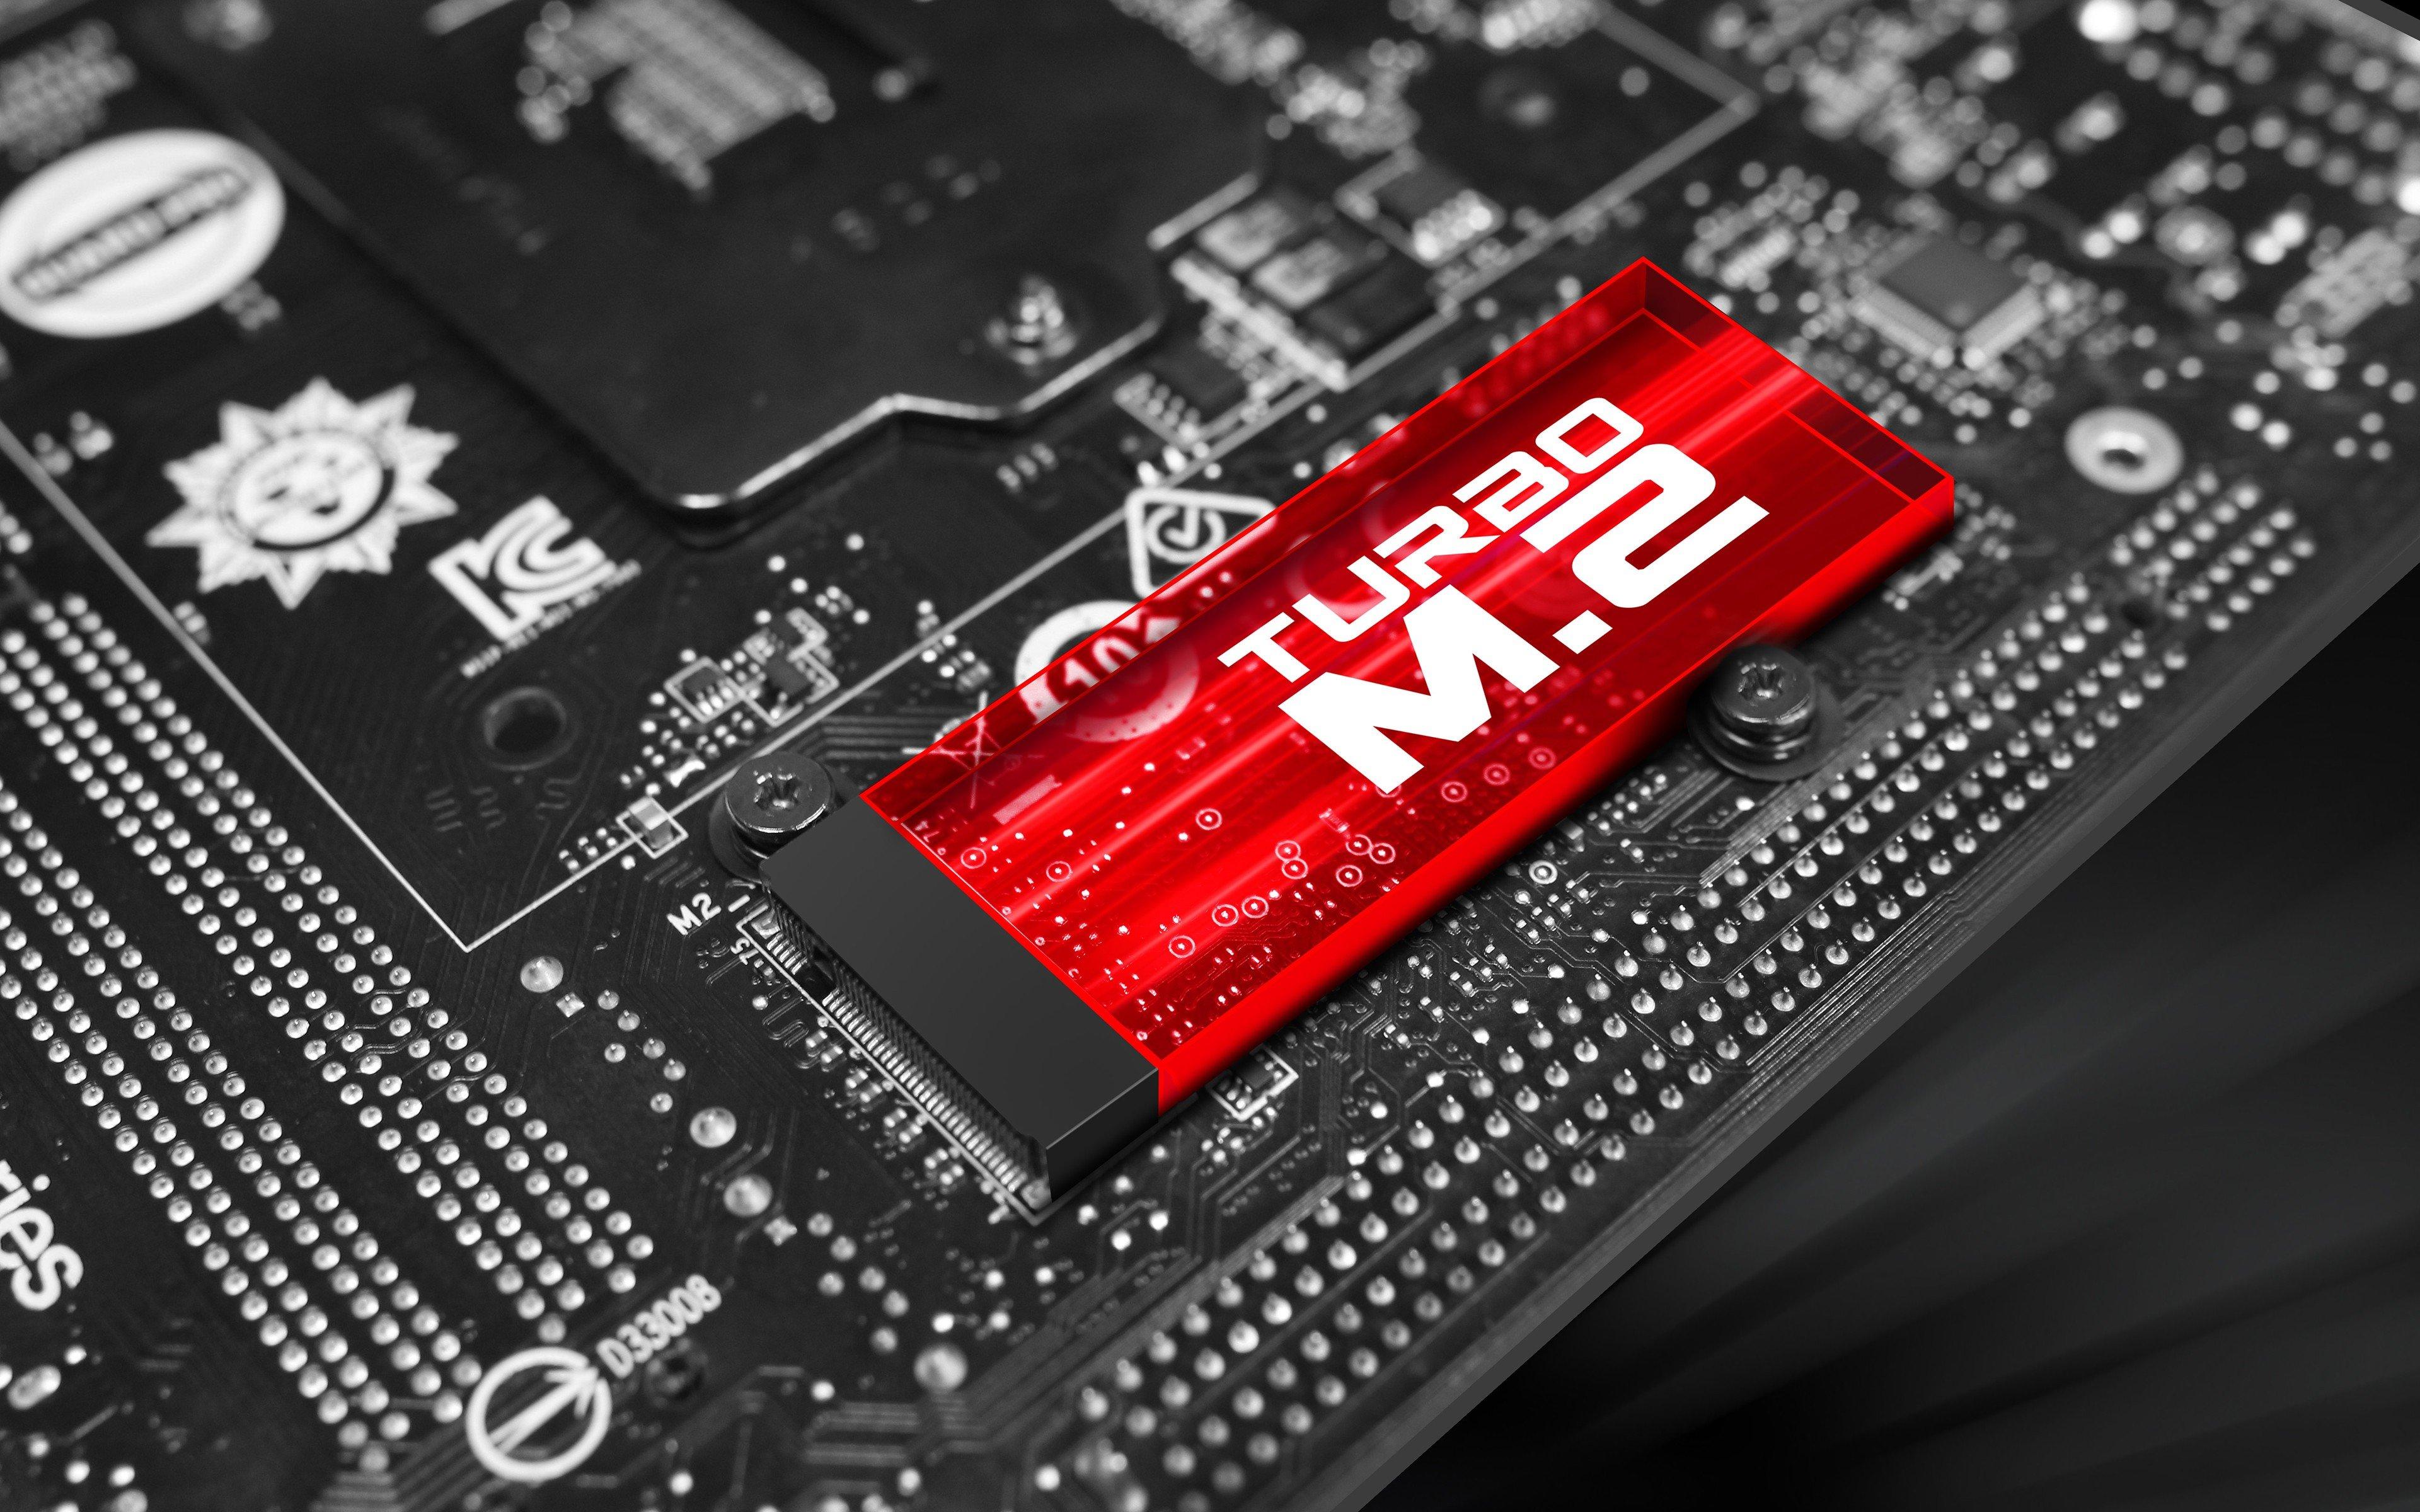 デスクトップ壁紙 3840x2400 Px ハードウェア マザーボード Msi Pcゲーム 技術 3840x2400 Coolwallpapers デスクトップ壁紙 Wallhere